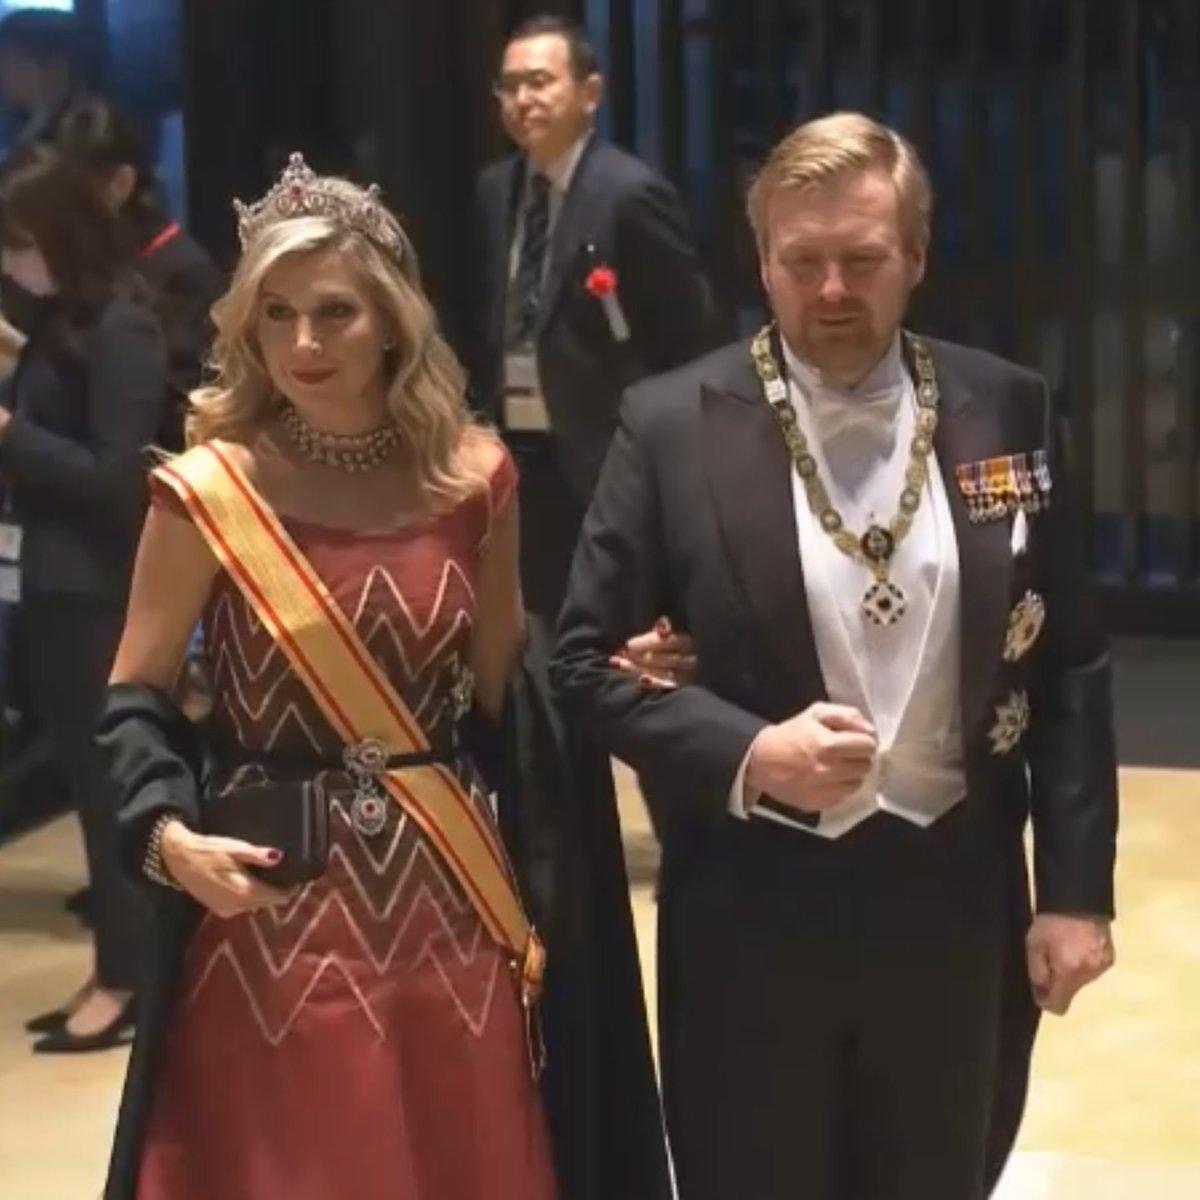 備忘録追加。#饗宴の儀 1枚目、オランダ国王ご夫妻。マキシマ王妃、珍しい感じのヘアとメイク。貫禄。2枚目、ベルギー国王ご夫妻。マチルド王妃、落ち着いたゴールドのドレス素敵。3枚目、スペイン国王ご夫妻。レティシア王妃、珍しいお色のドレス。手の込んだ刺繍(?)ですね。#即位礼正殿の儀